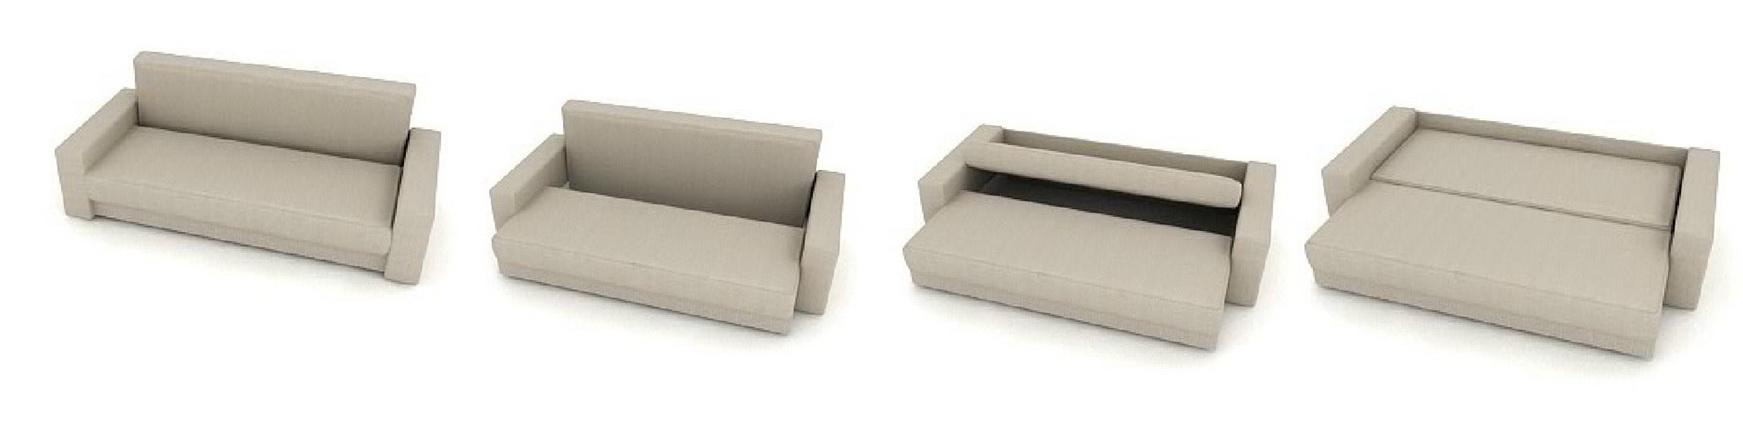 механизмы для диванов на заказ